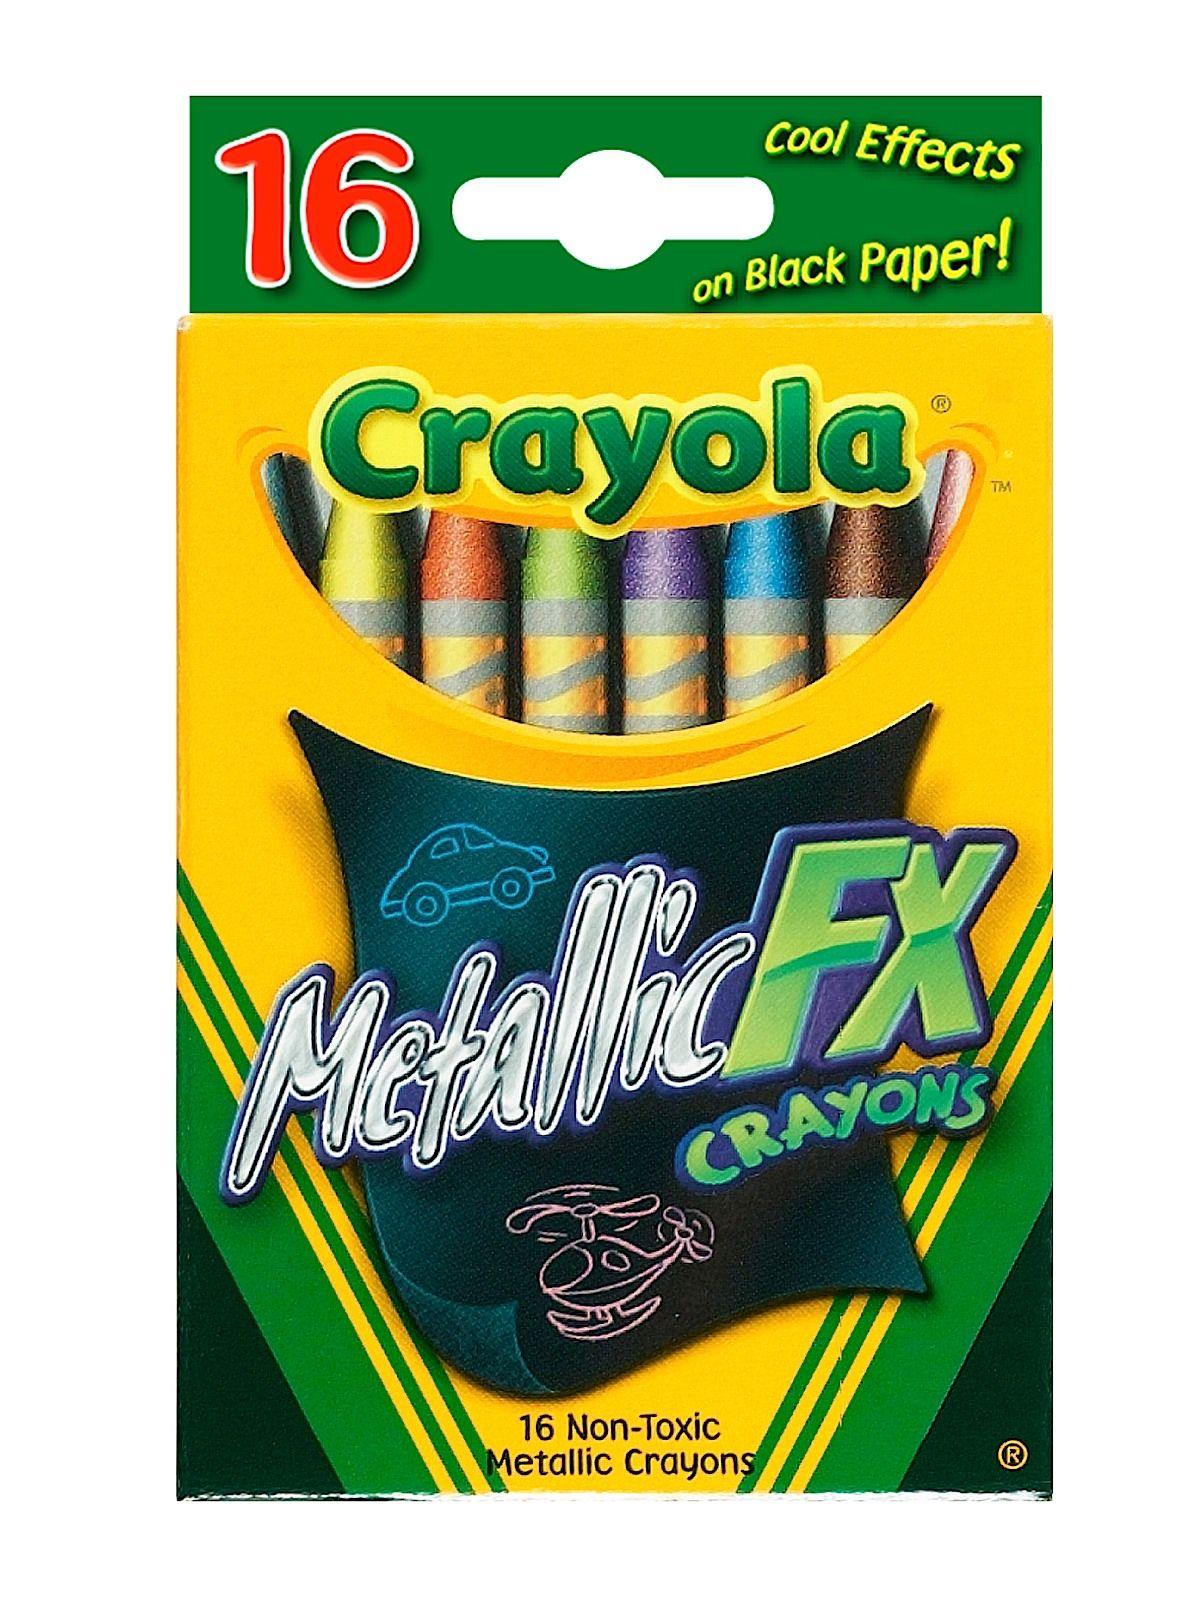 Crayola Monogram Shadowbox N Shadow box, Creation, Crayola